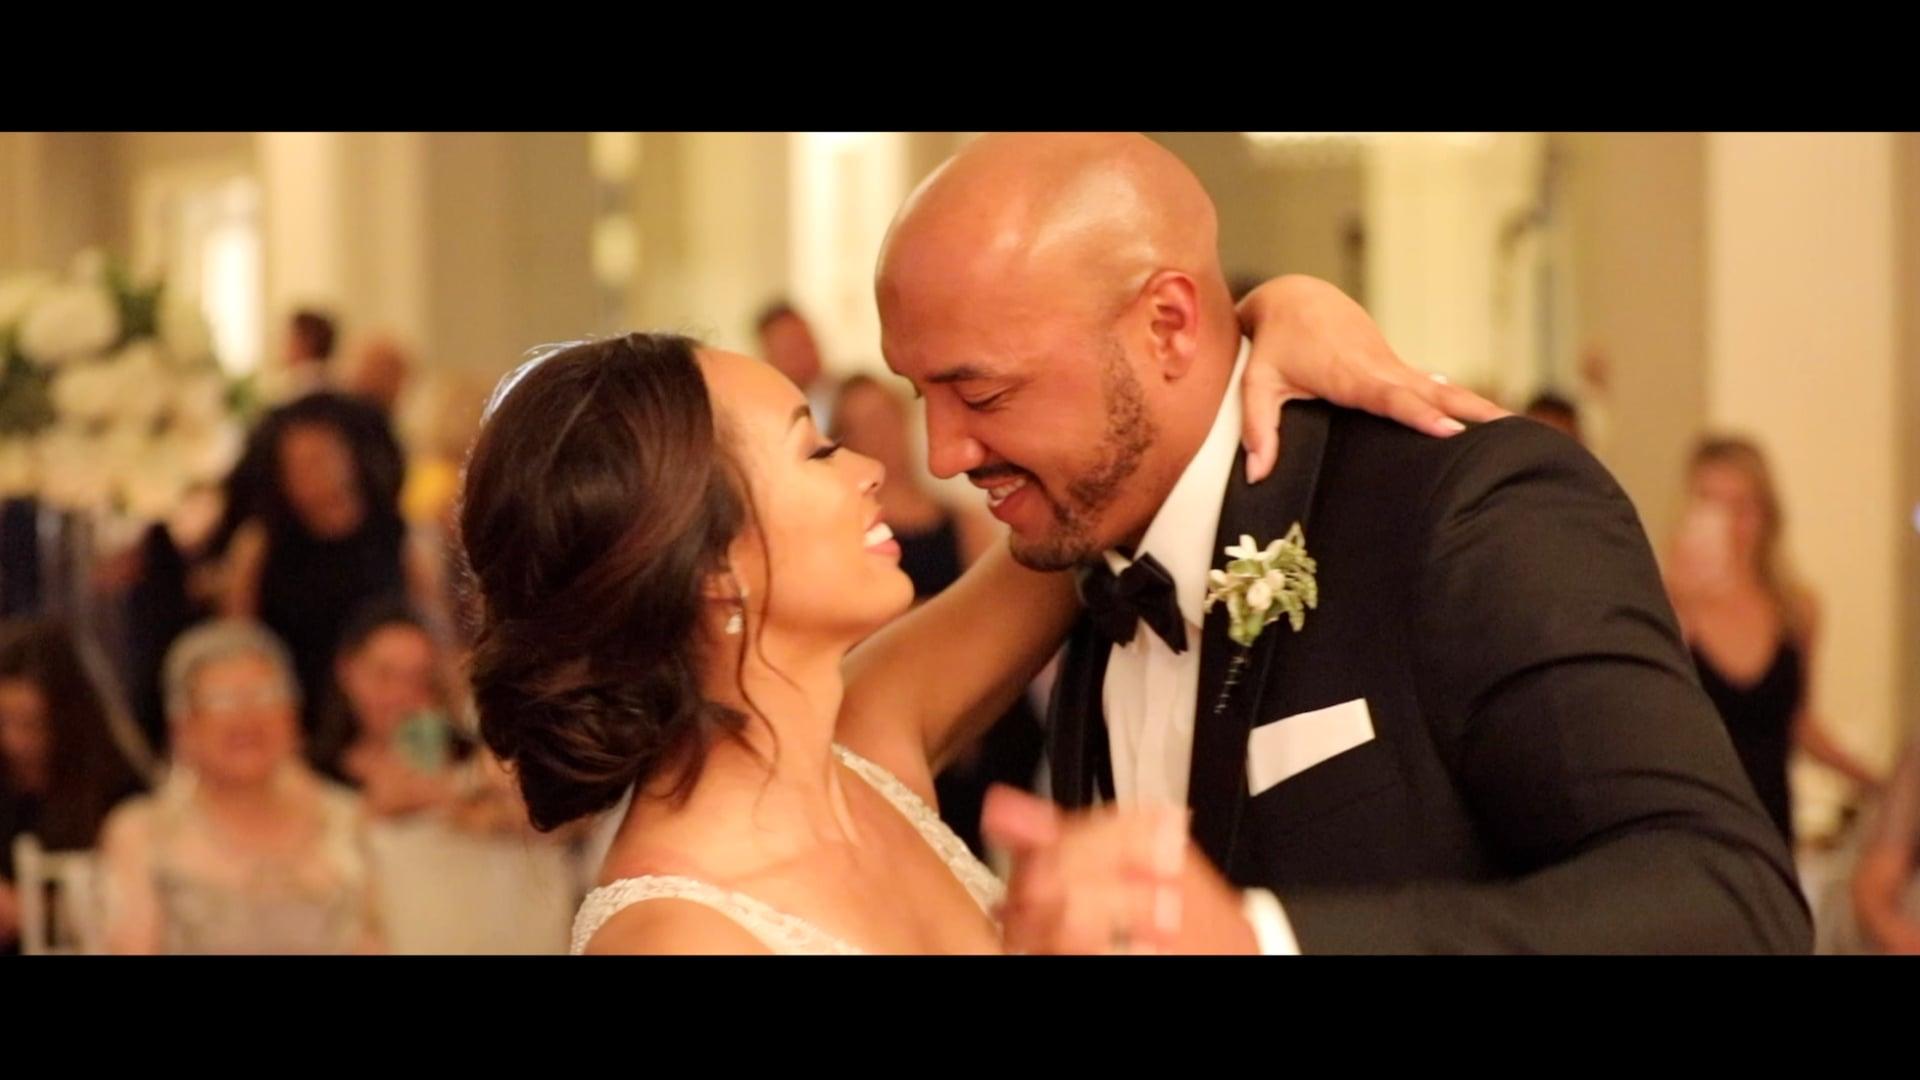 Sydney + Michael   Wedding Highlight Film   SummitHillStudios.com